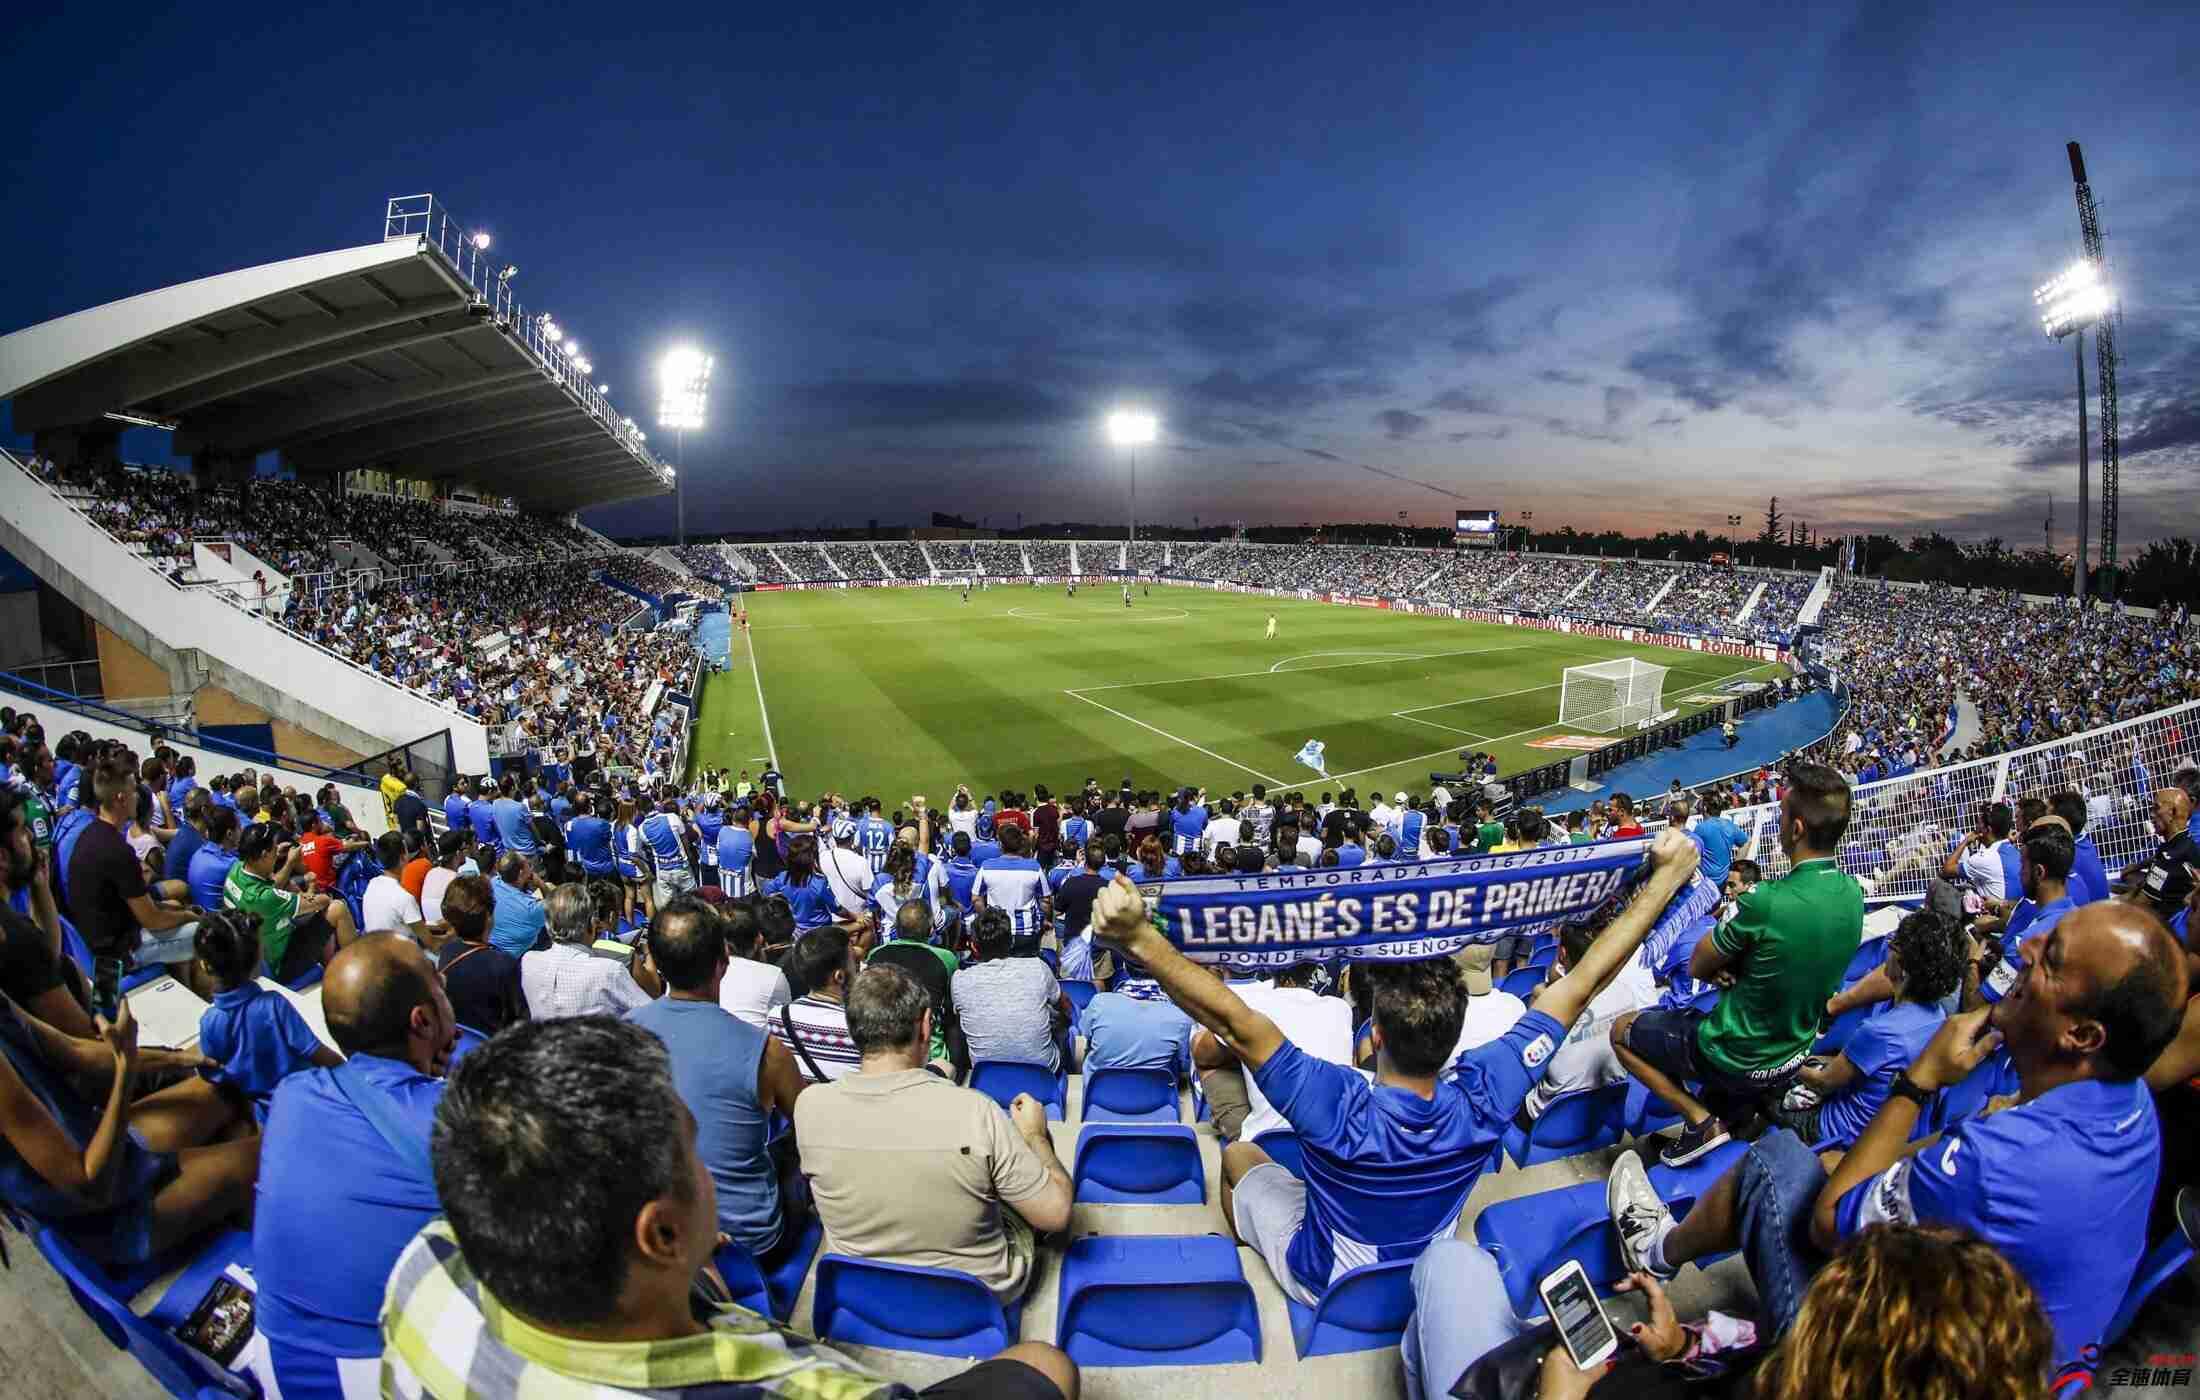 球场故事之莱加内斯:马德里南部伟大爱情故事